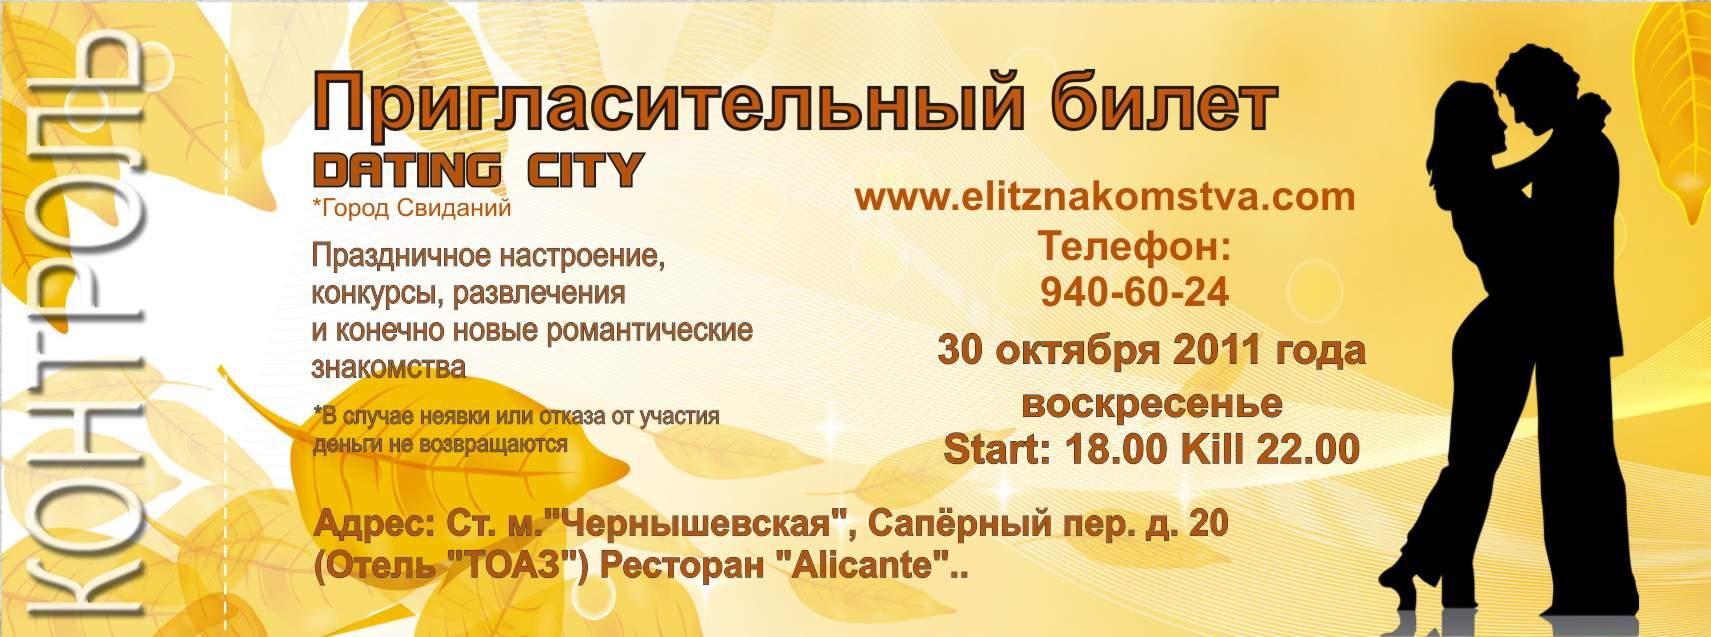 клуб знакомств в москве до 30